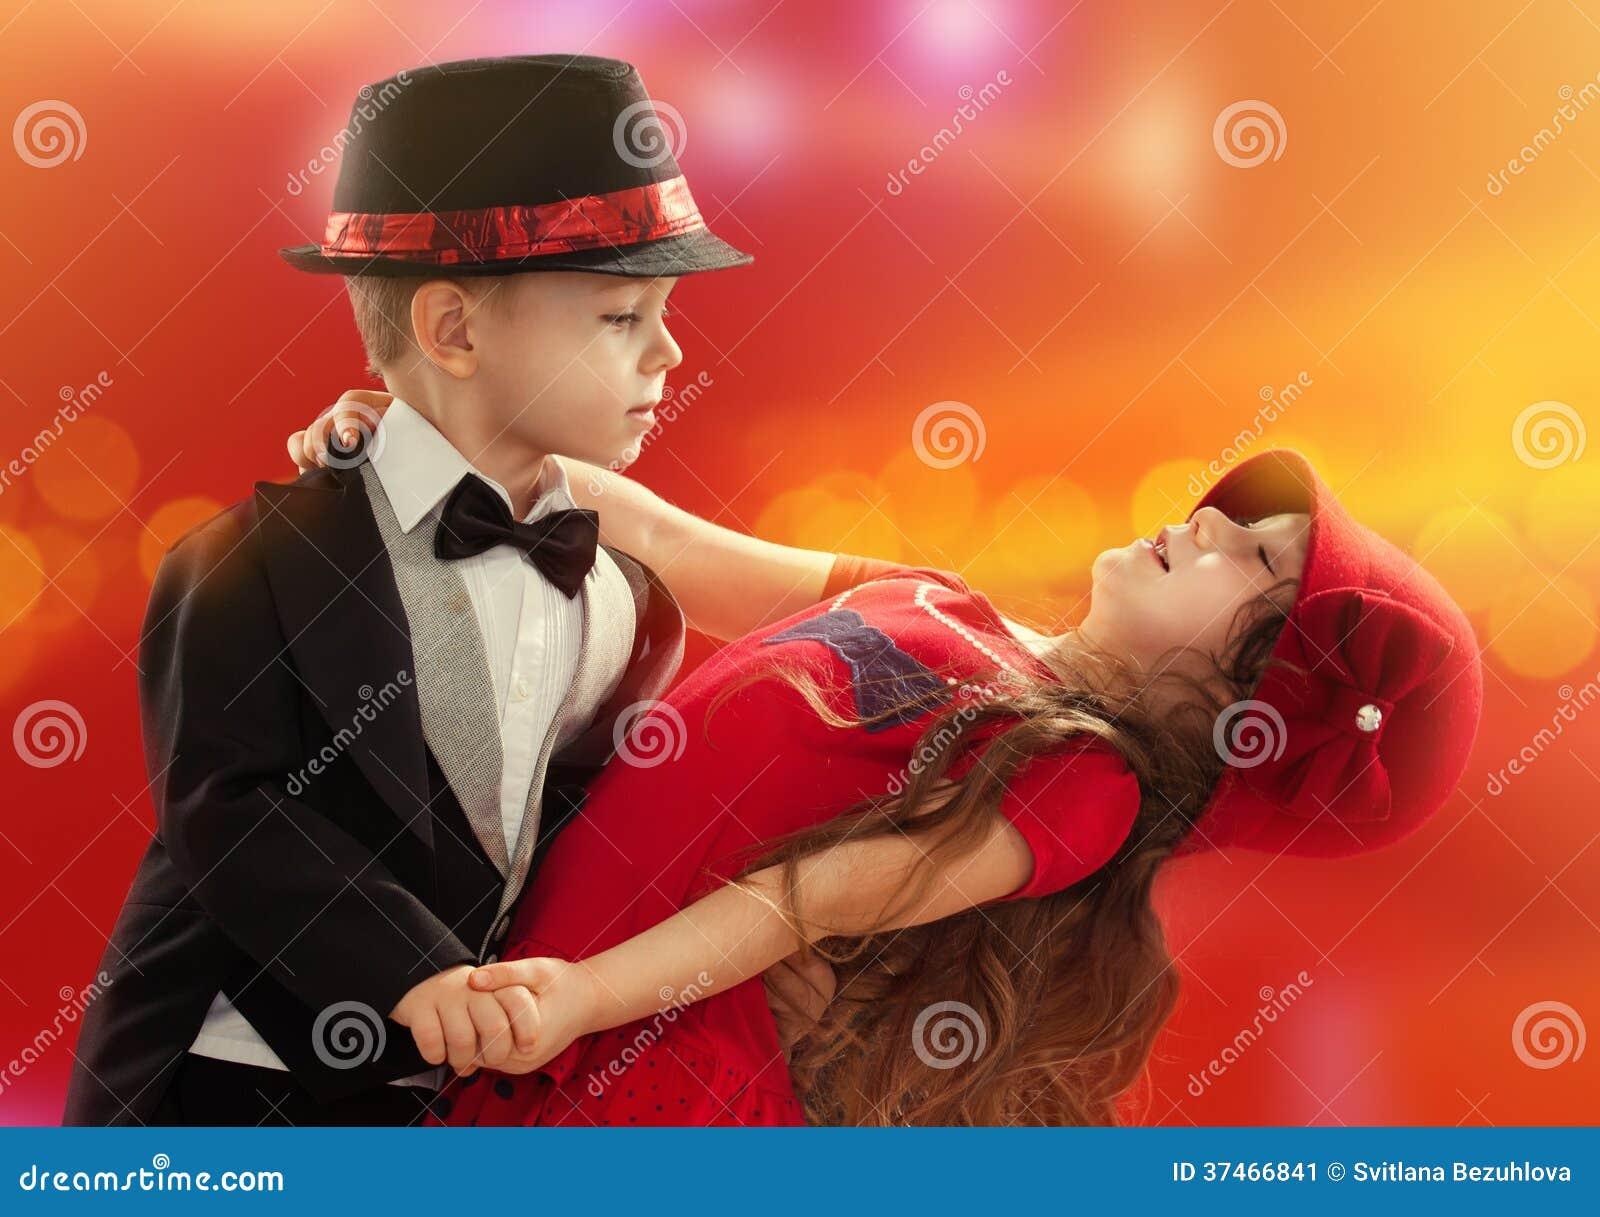 girl and boy nakes dance